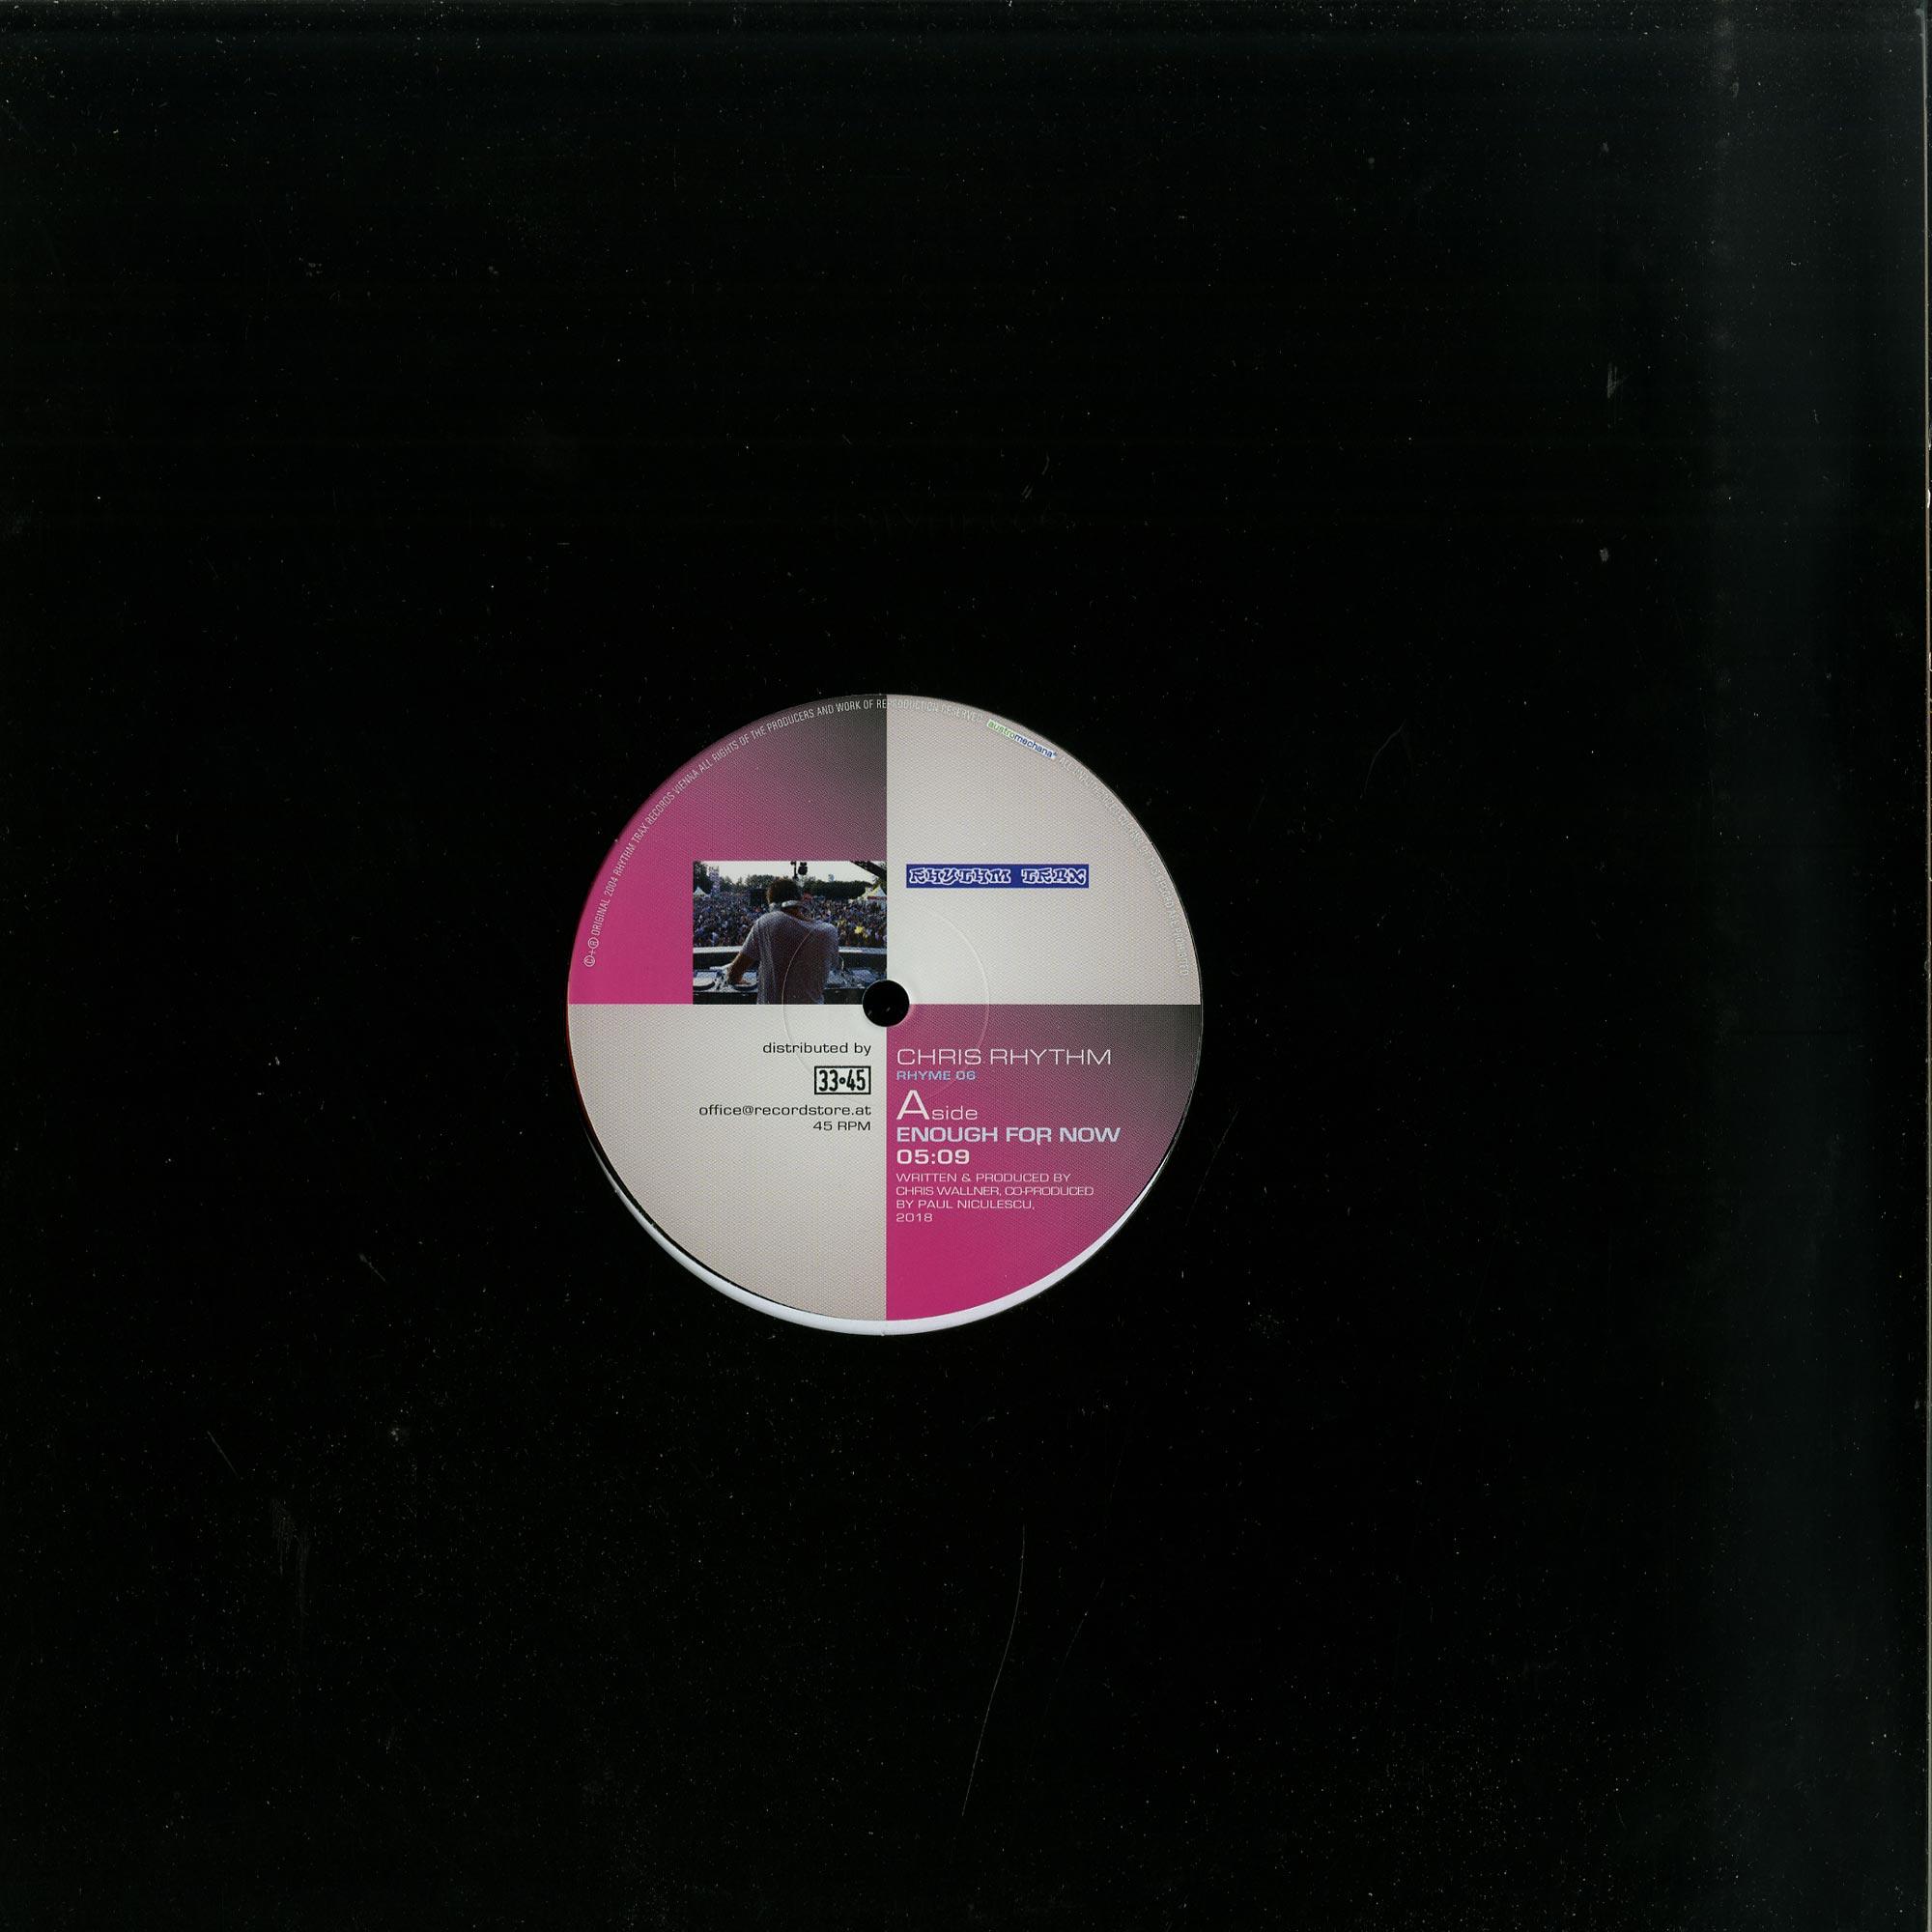 Chris Rhythm - ENOUGH FOR NOW